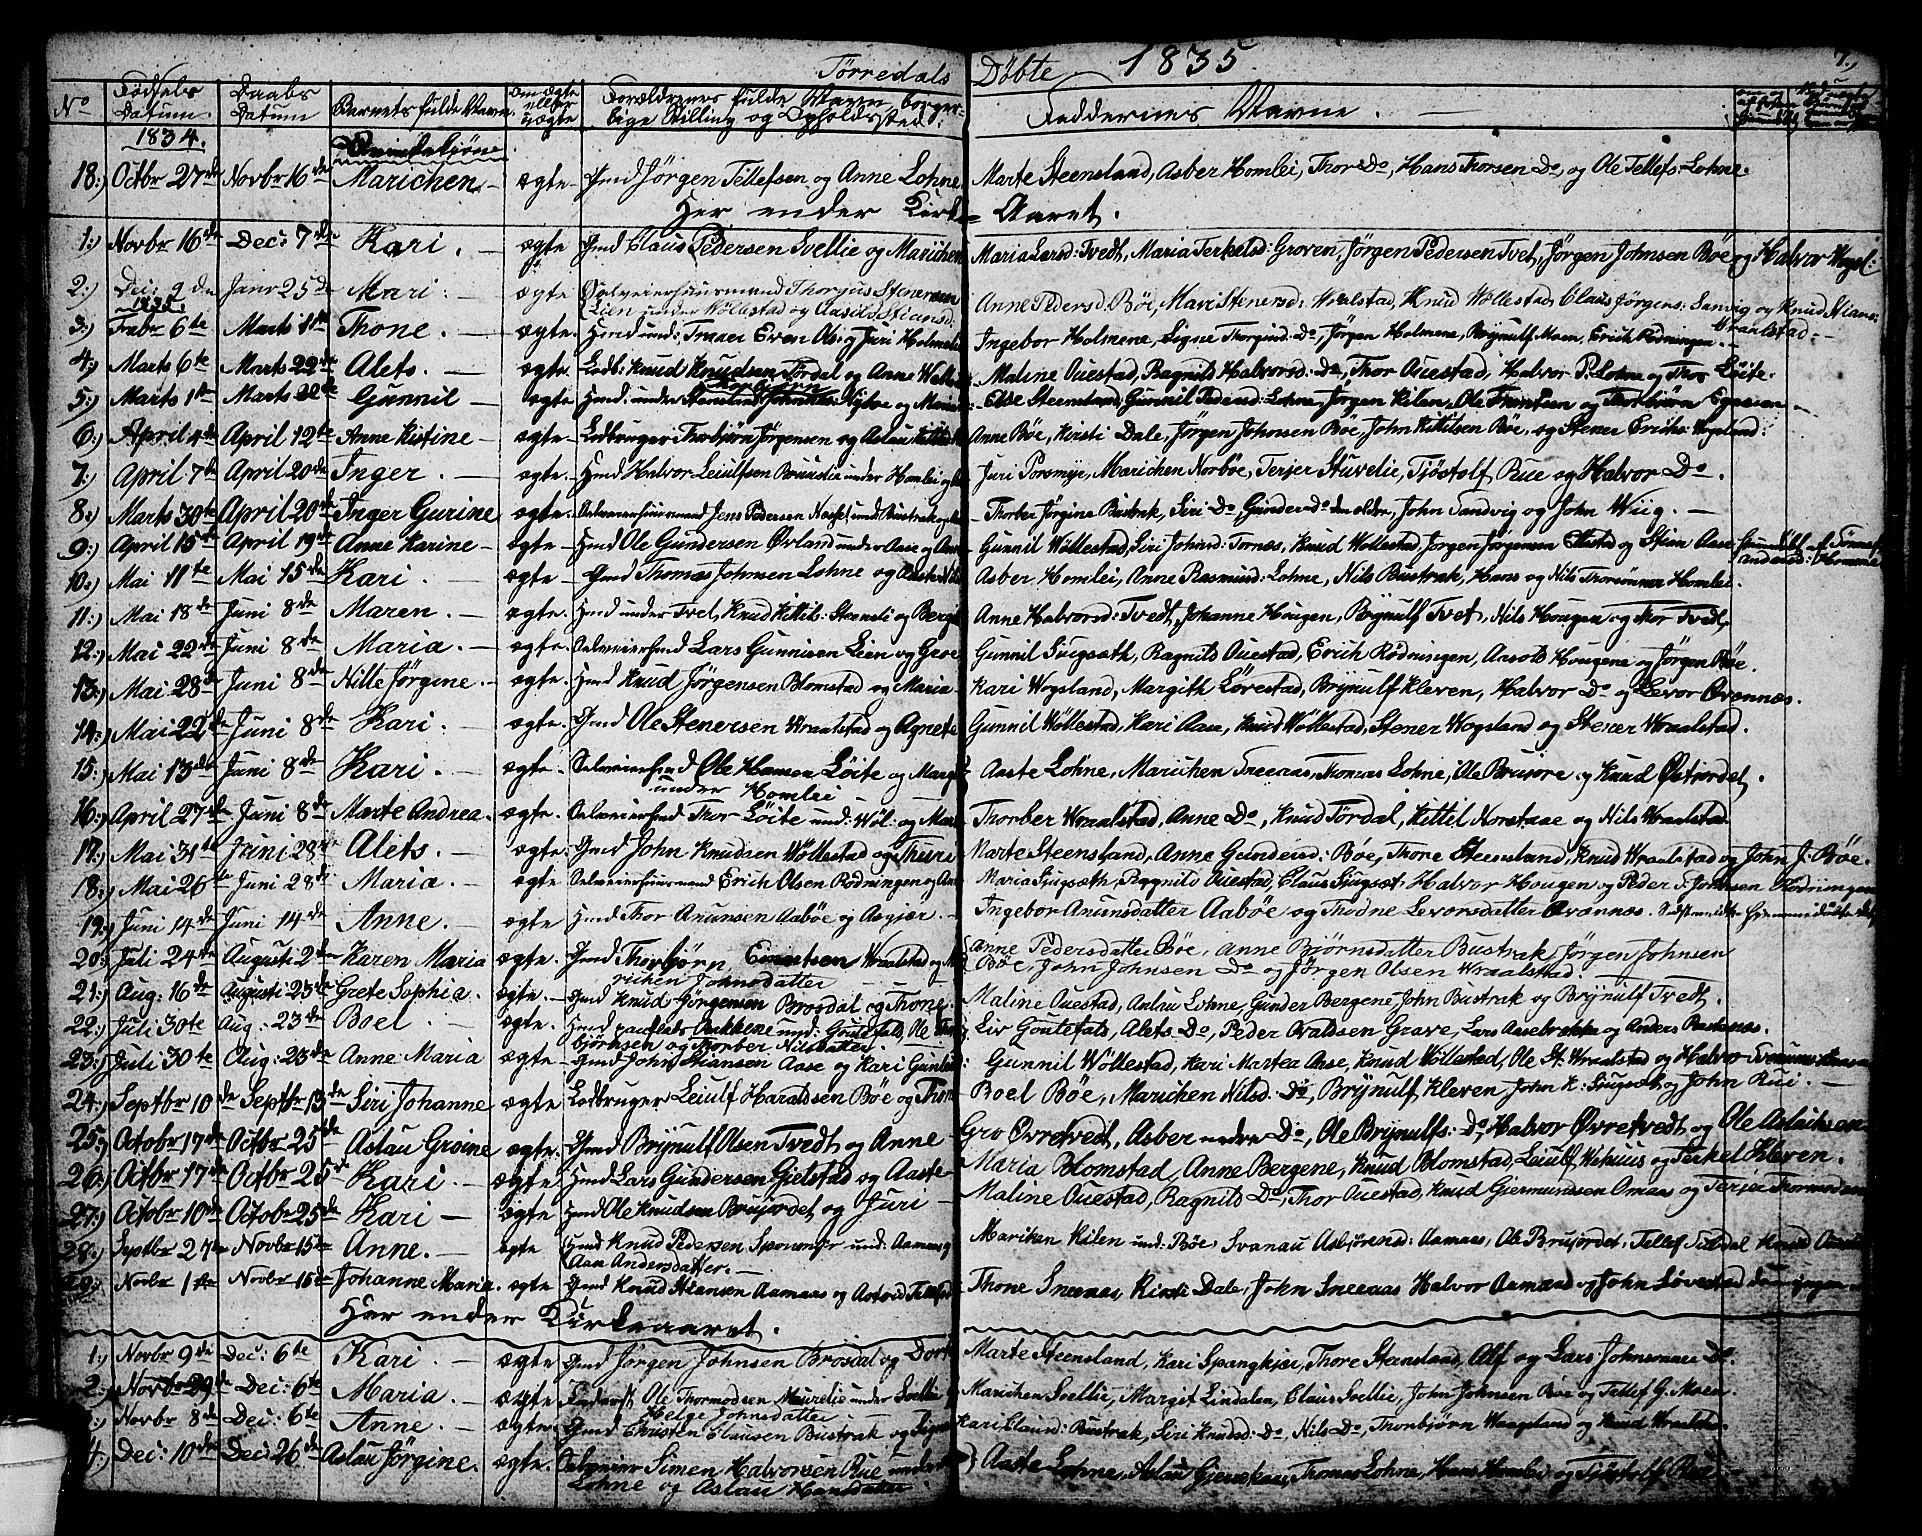 SAKO, Drangedal kirkebøker, G/Ga/L0001: Klokkerbok nr. I 1 /2, 1814-1856, s. 7